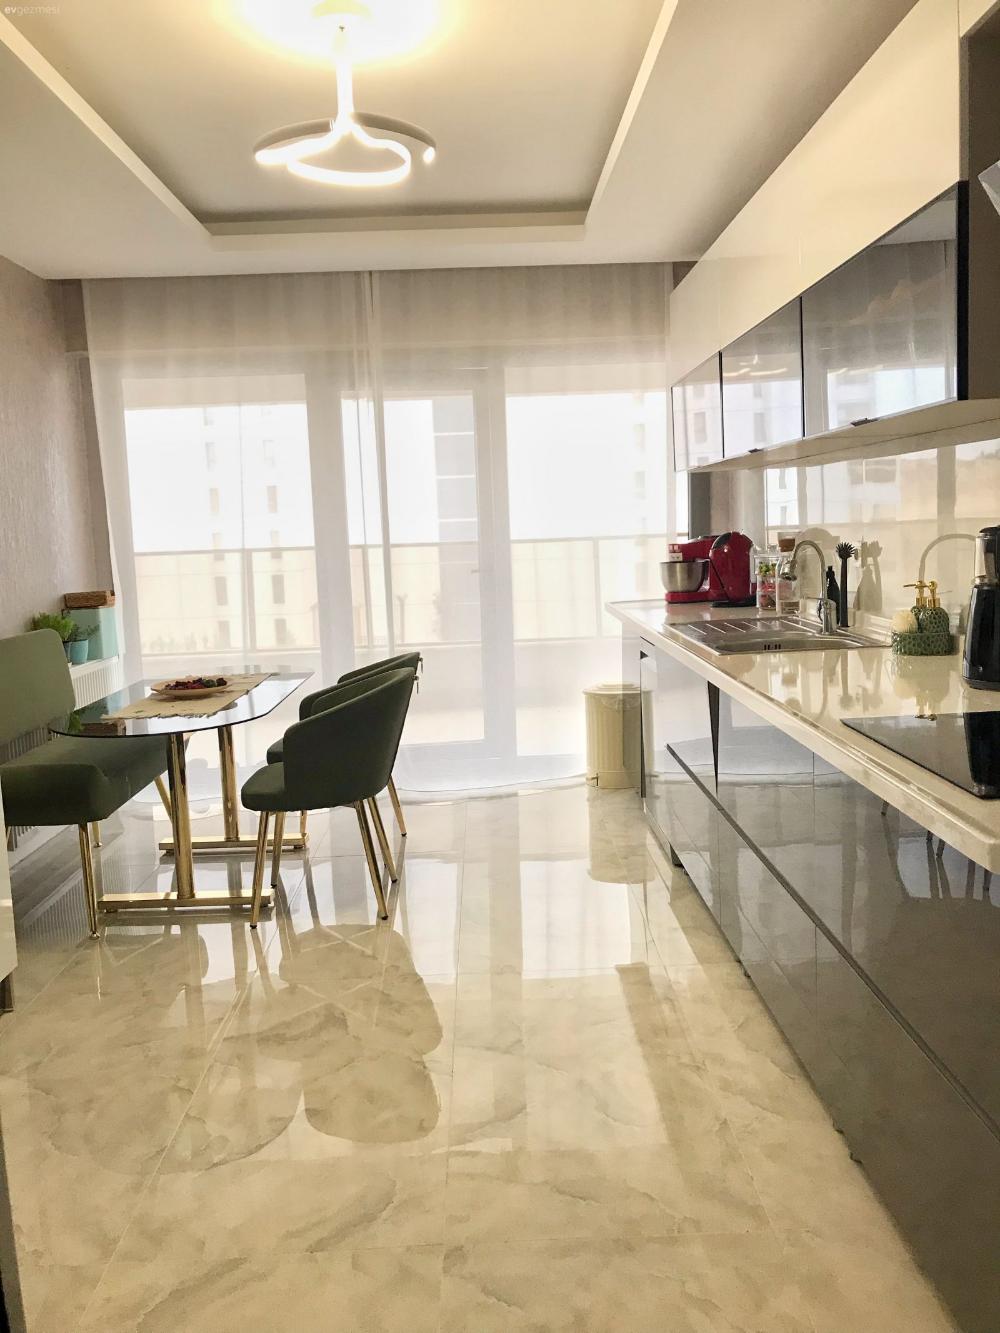 Mutfak Beyaz Siyah Zümrüt yeşili Altın Modern mutfak Kulpsuz mutfak dolabı Mutfak tezgahı Mutfak tezgah arası Tavan dekorasyon Avize Aydınlatma Mutfak Avize Mod...